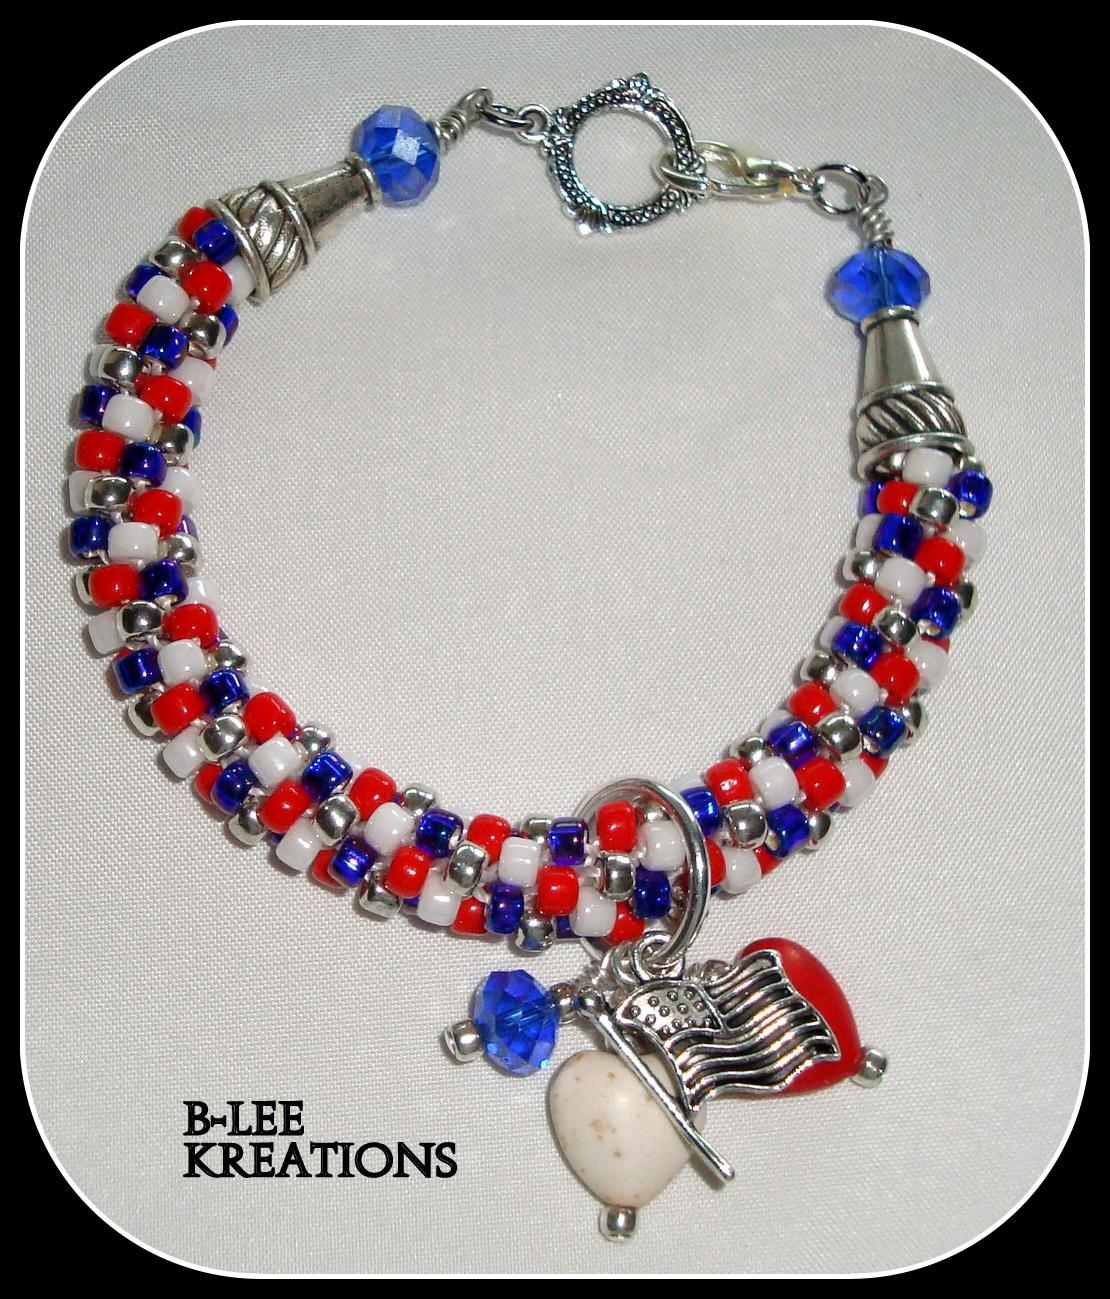 http://4.bp.blogspot.com/-7tTj9-FA1l4/UVnRRW3Lx9I/AAAAAAAACYU/R5xpBATiBQE/s1600/Monica\'s+Bracelet.jpg